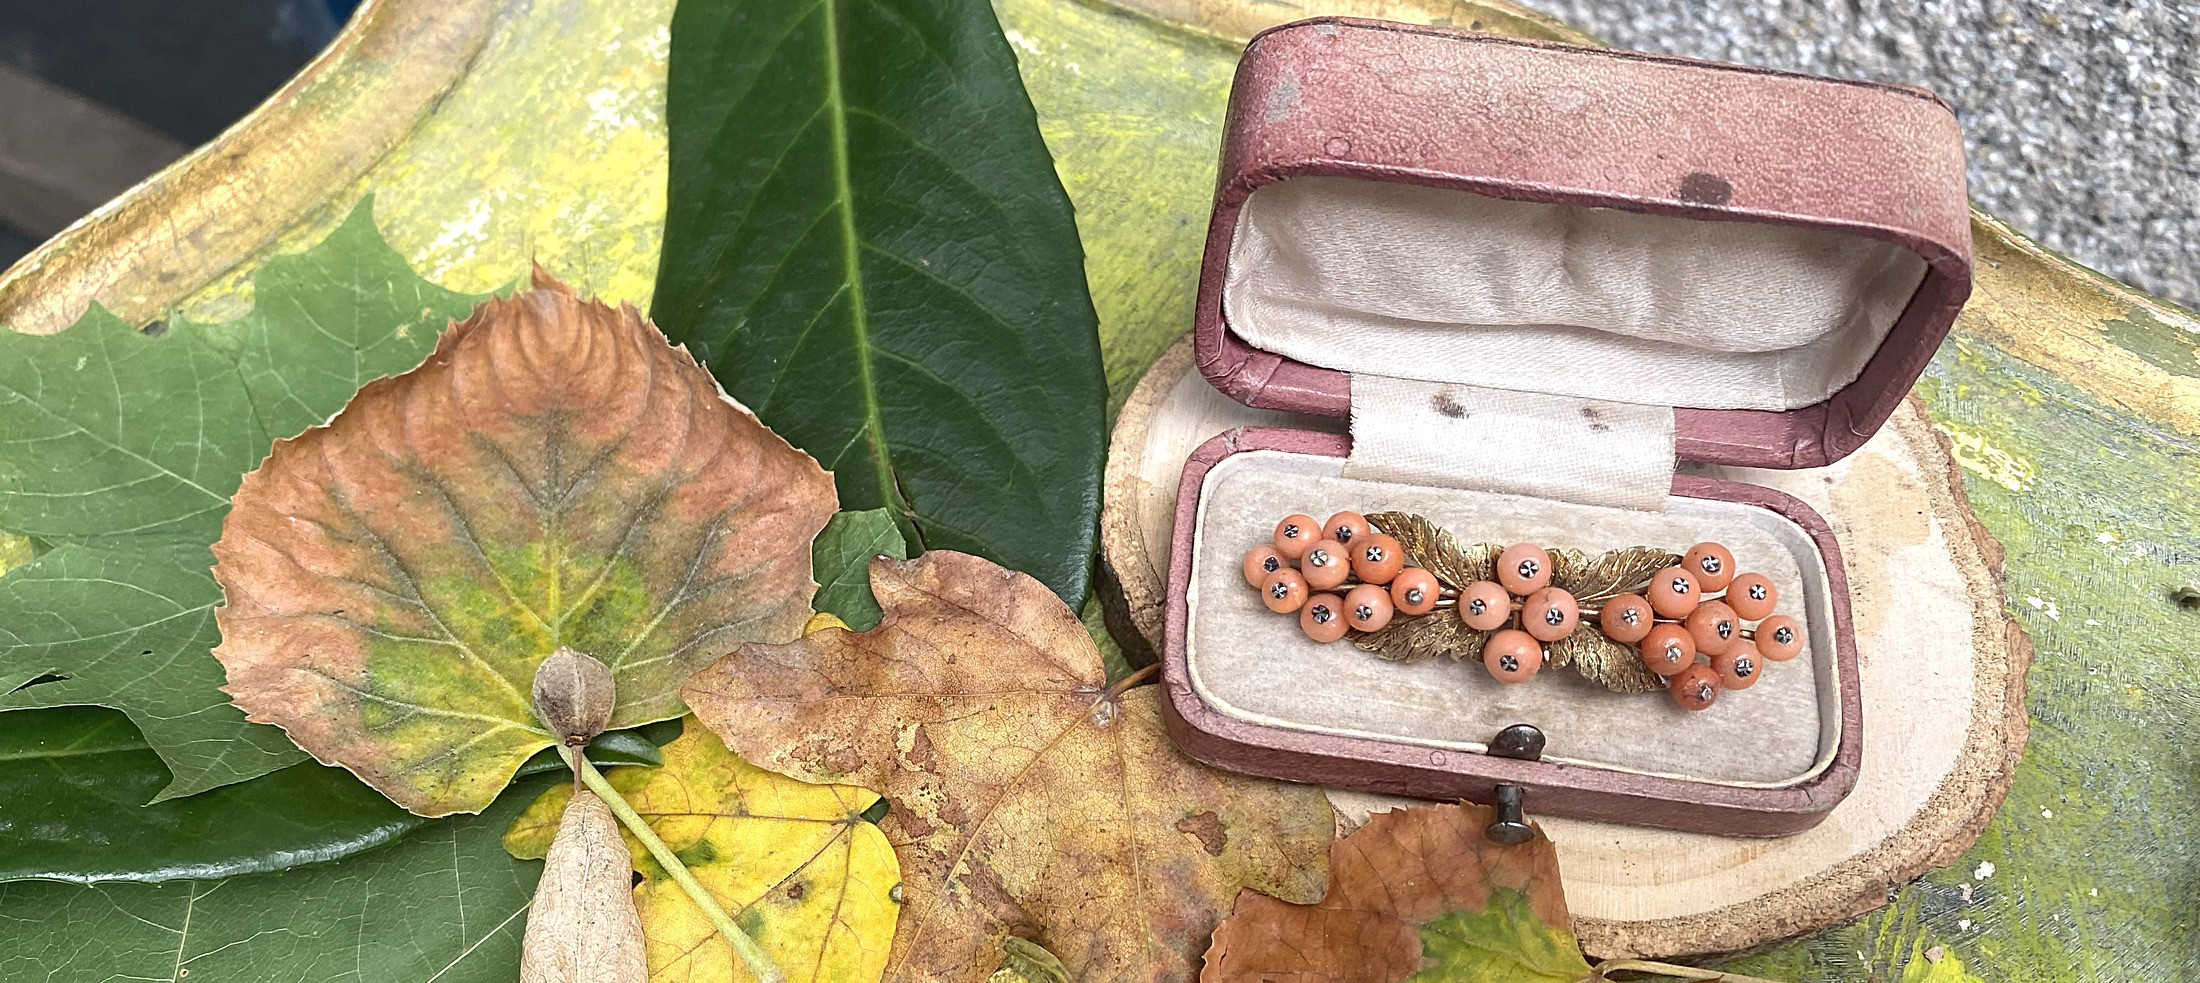 Šperky v barvách podzimu